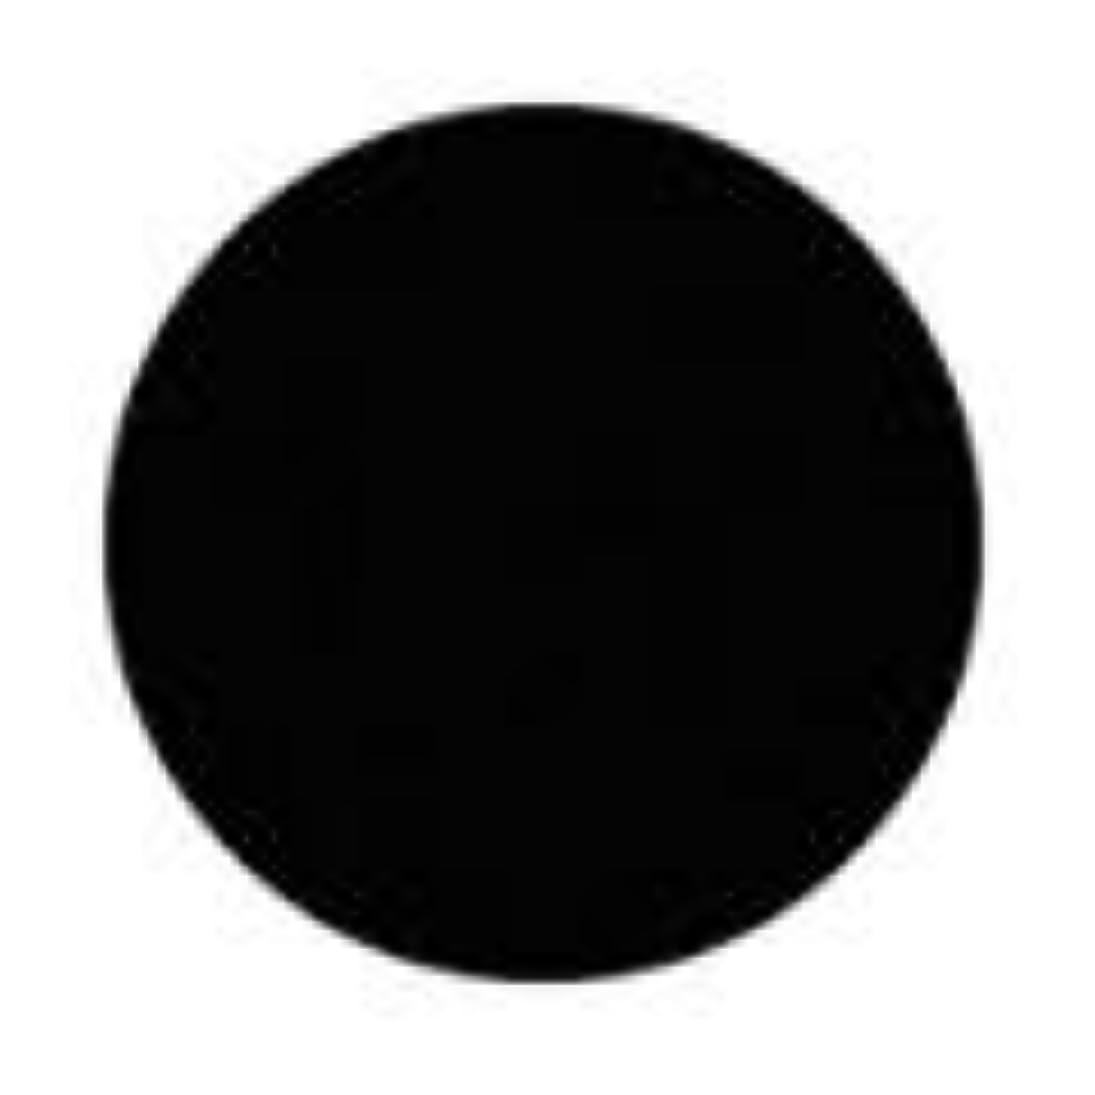 スリラーパイ犬Jessica ジェレレーション カラー 15ml  712 サンセットブルーバード